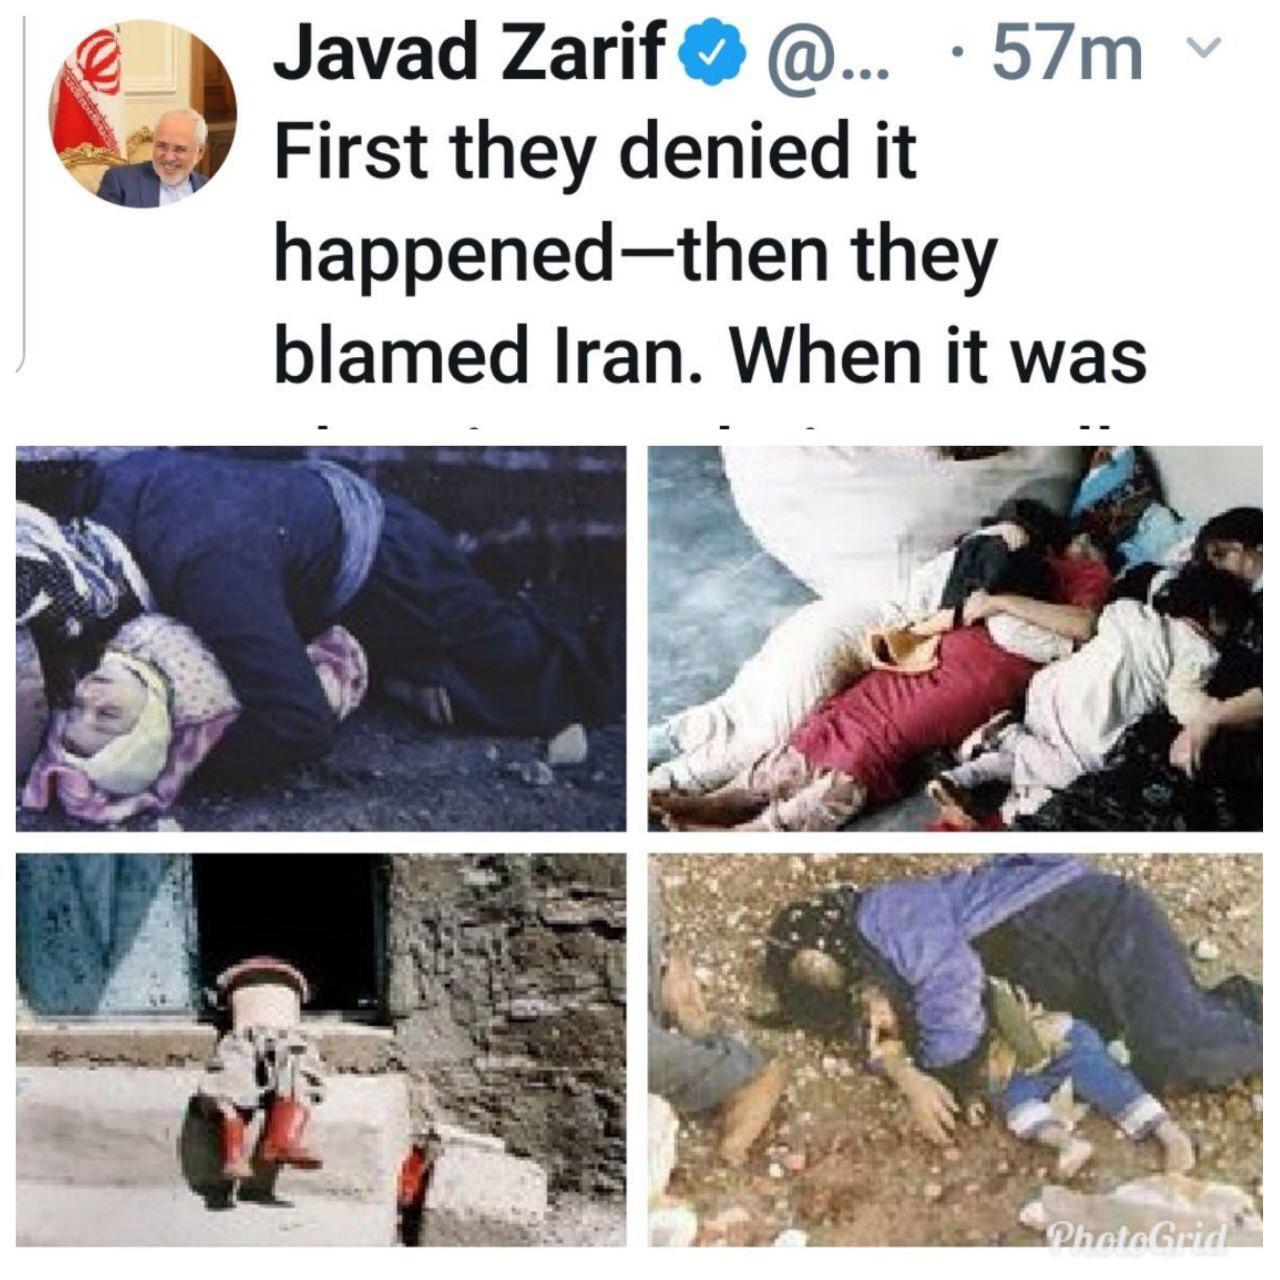 توئیت ظریف در سالگرد بمباران شیمیایی حلبچه